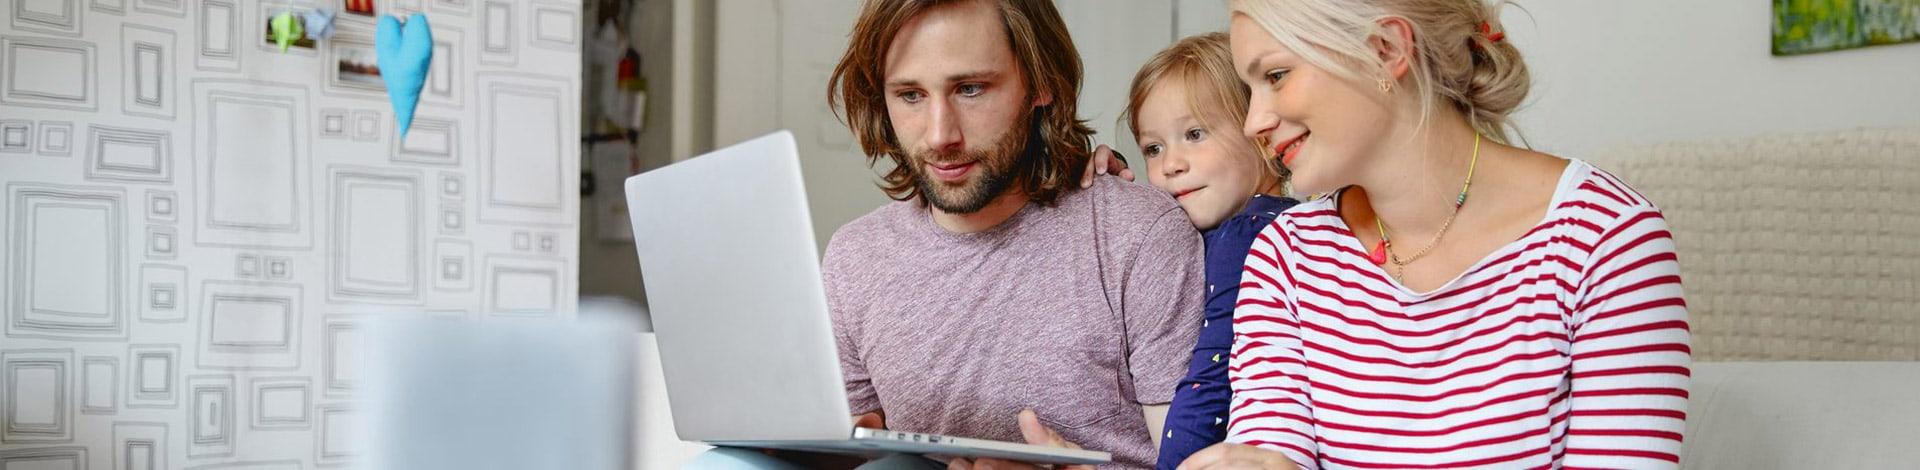 Ein Mann, eine Frau und ein Kind sitzen zusammen auf einem Sofa und blicken zusammen auf ein Notebook